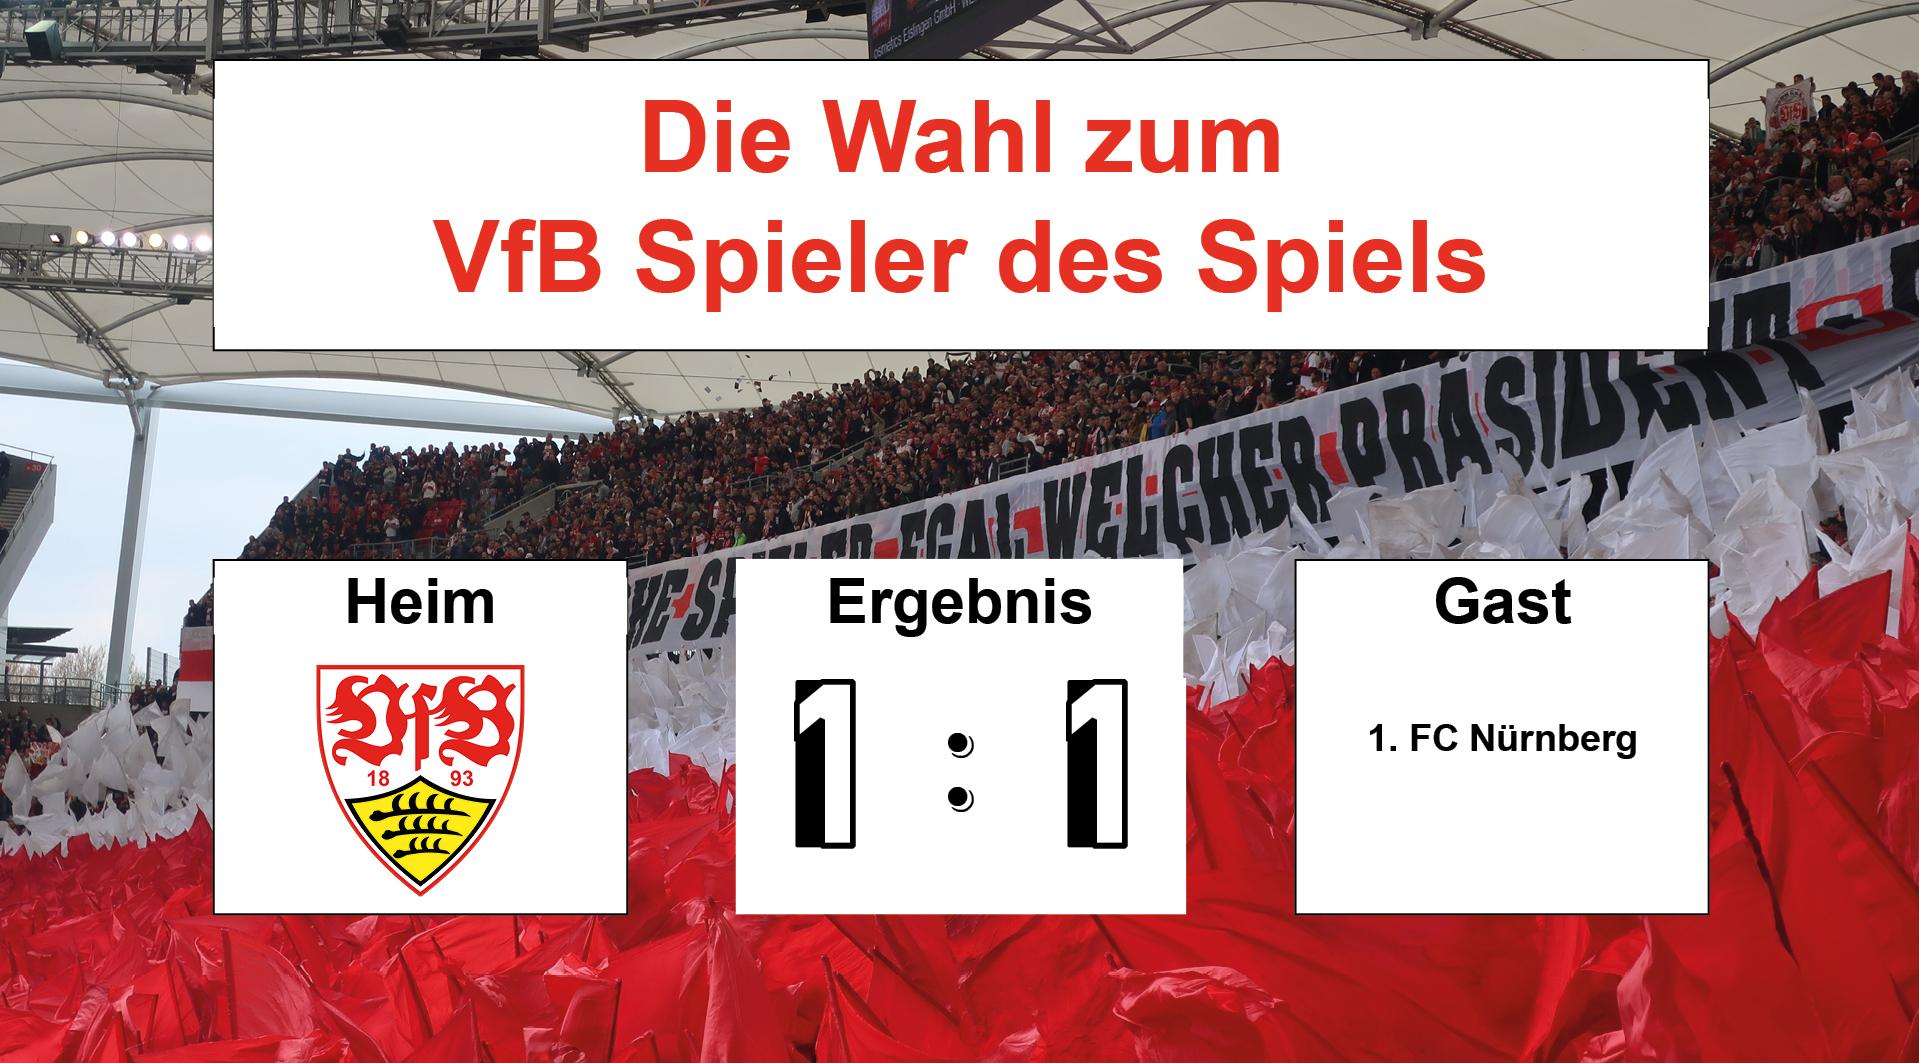 Wahl zum VfB Spieler des Spiels #VfBFCN 06.04.2019